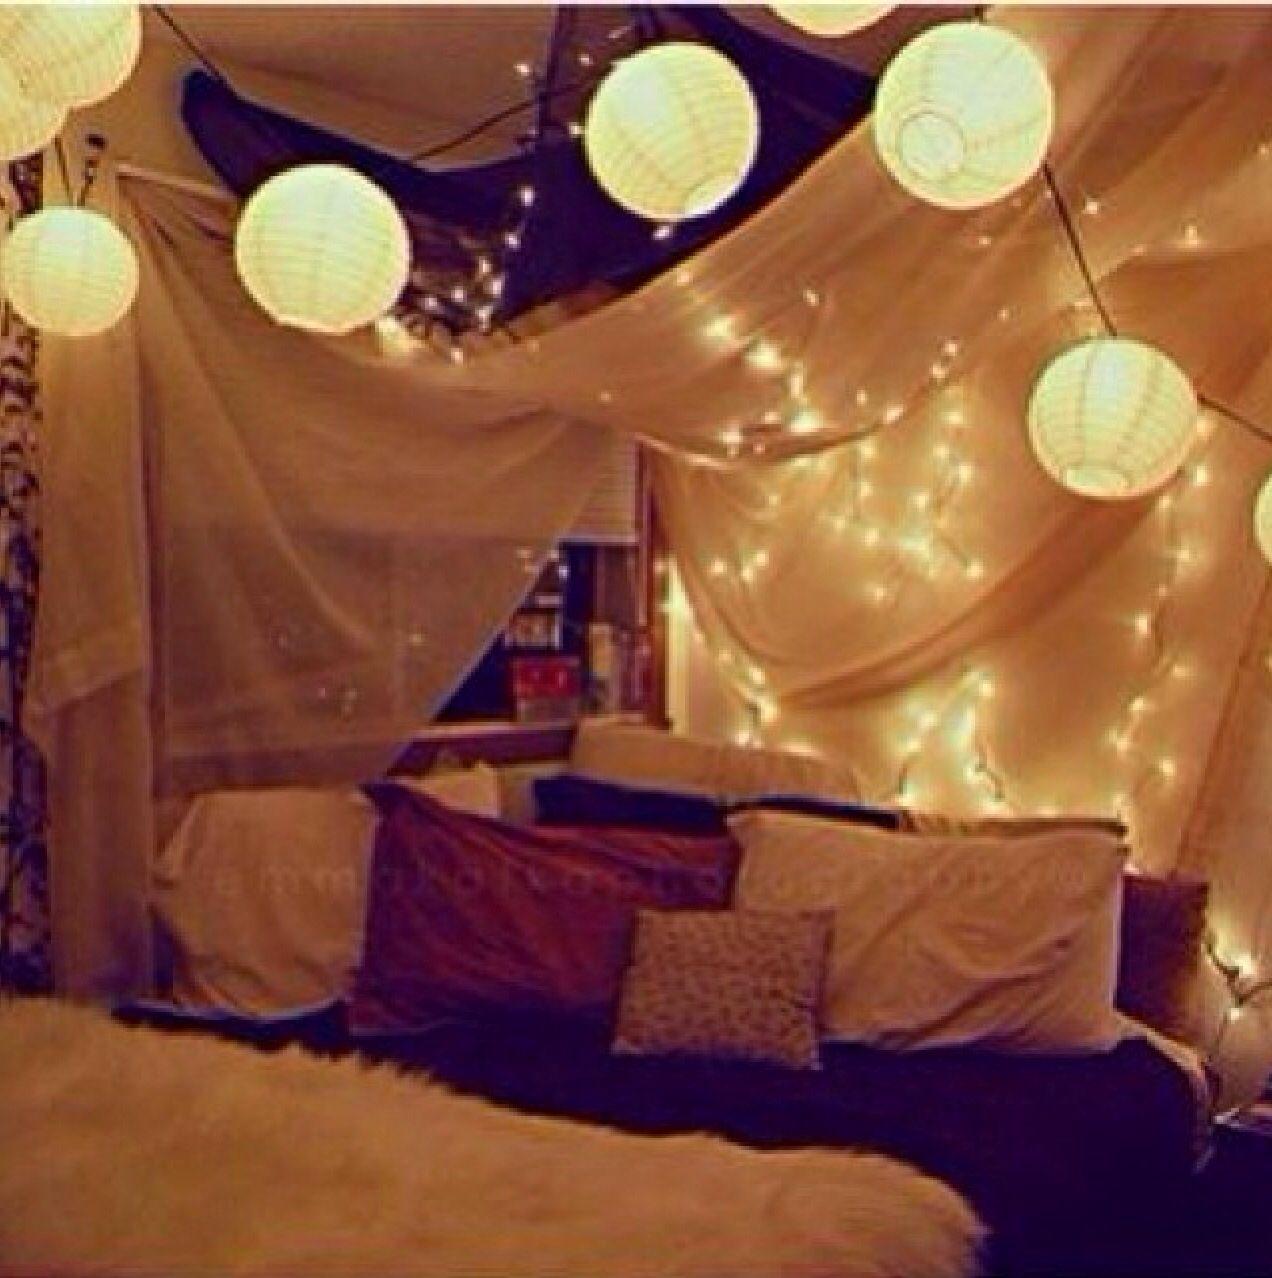 Cool Canape Over Bed Bookshelf Indie Bedroom Tumblr Bedroom Dream Bedroom